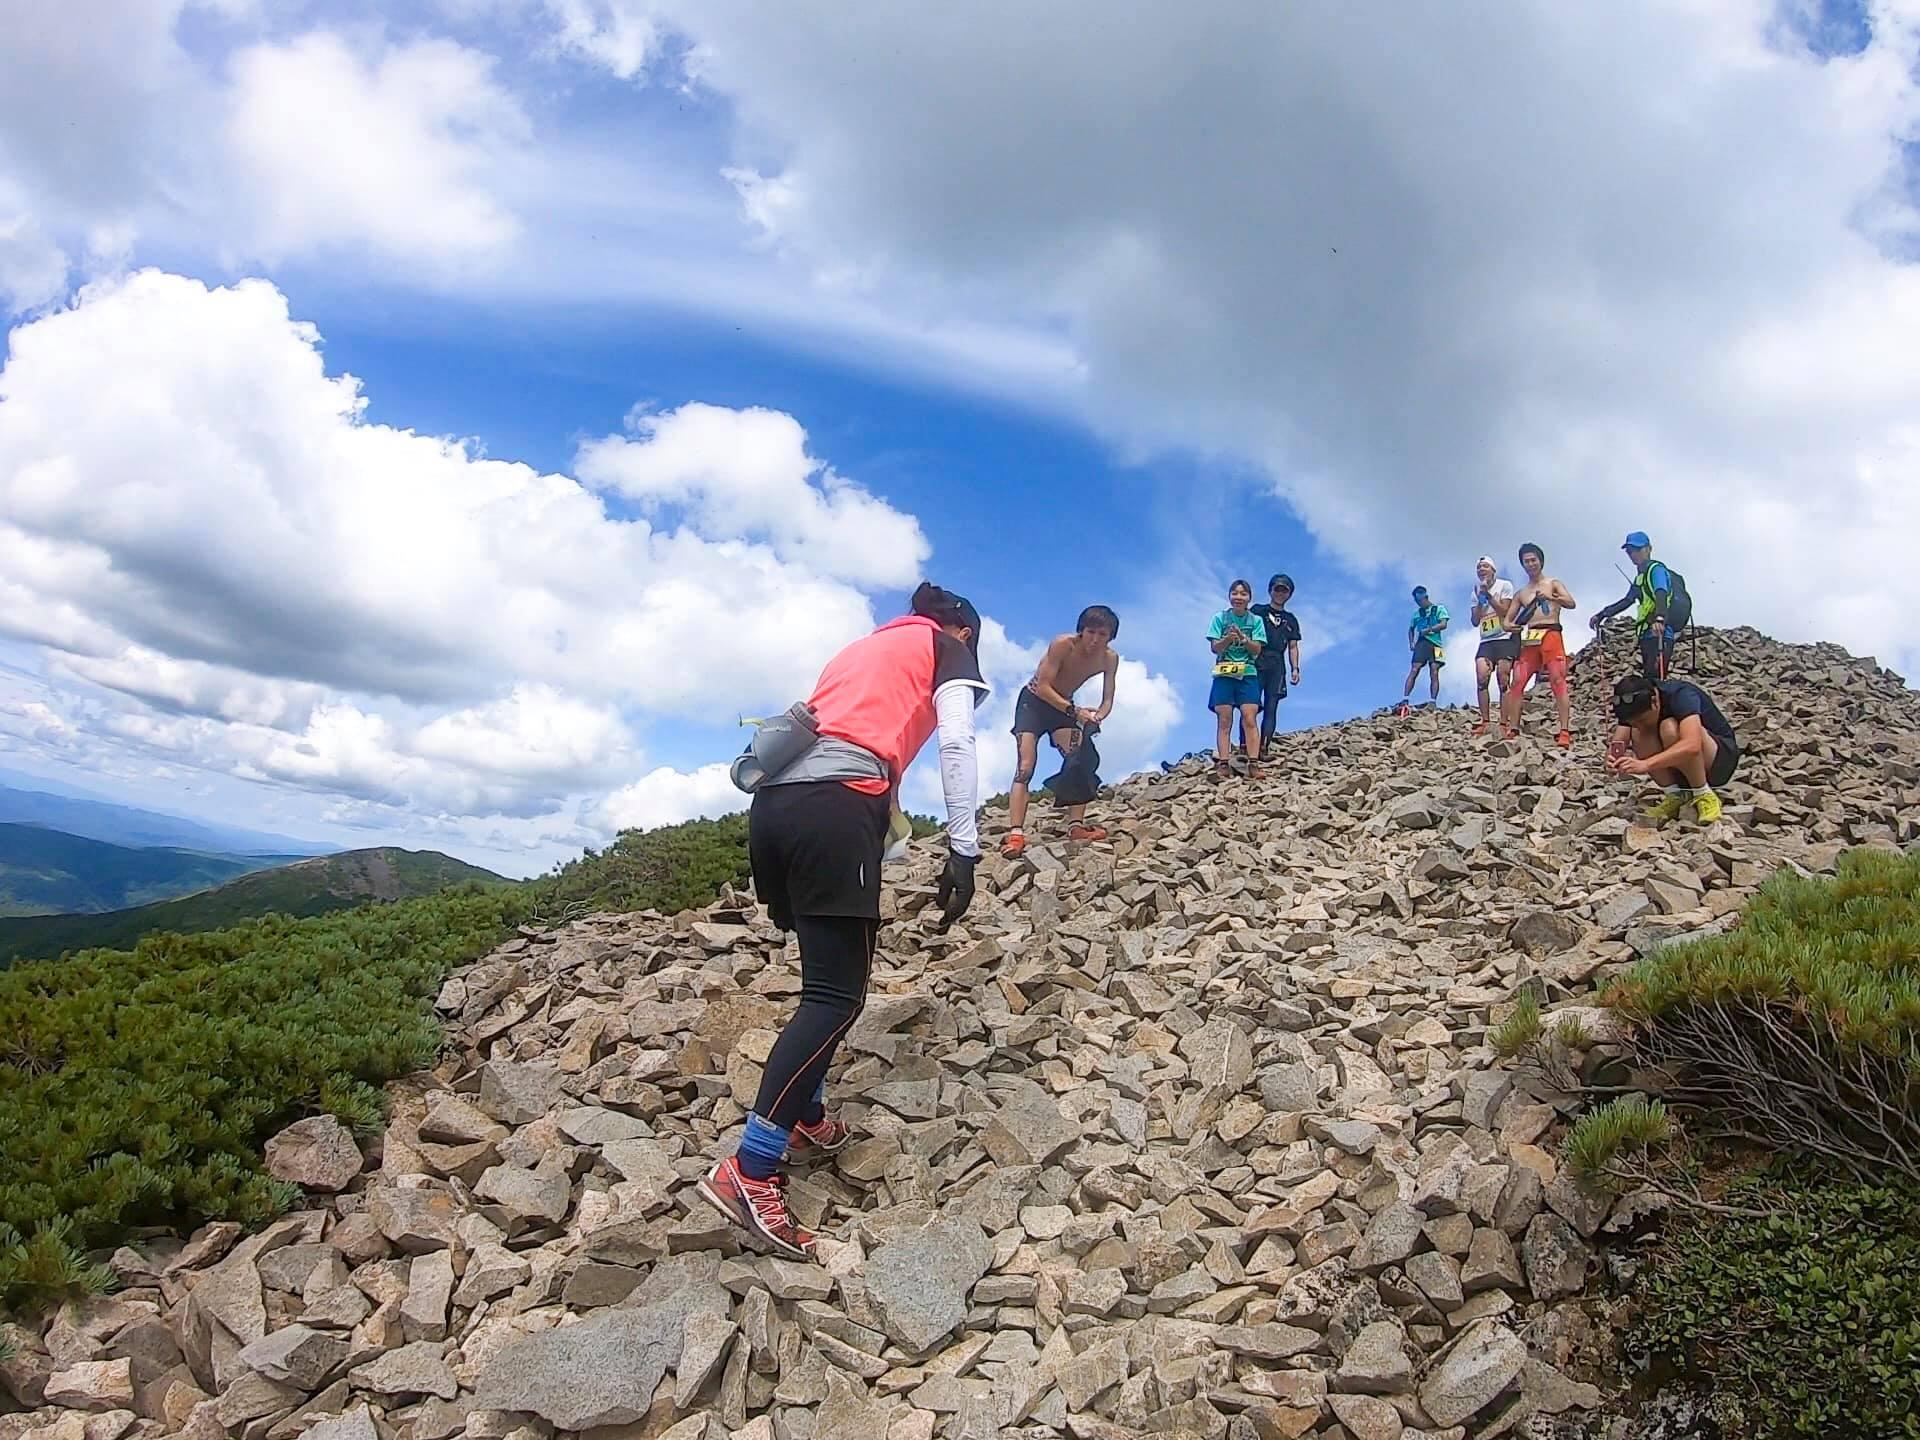 本大会では、「応援登山」が推奨され、山頂も賑やかとなった